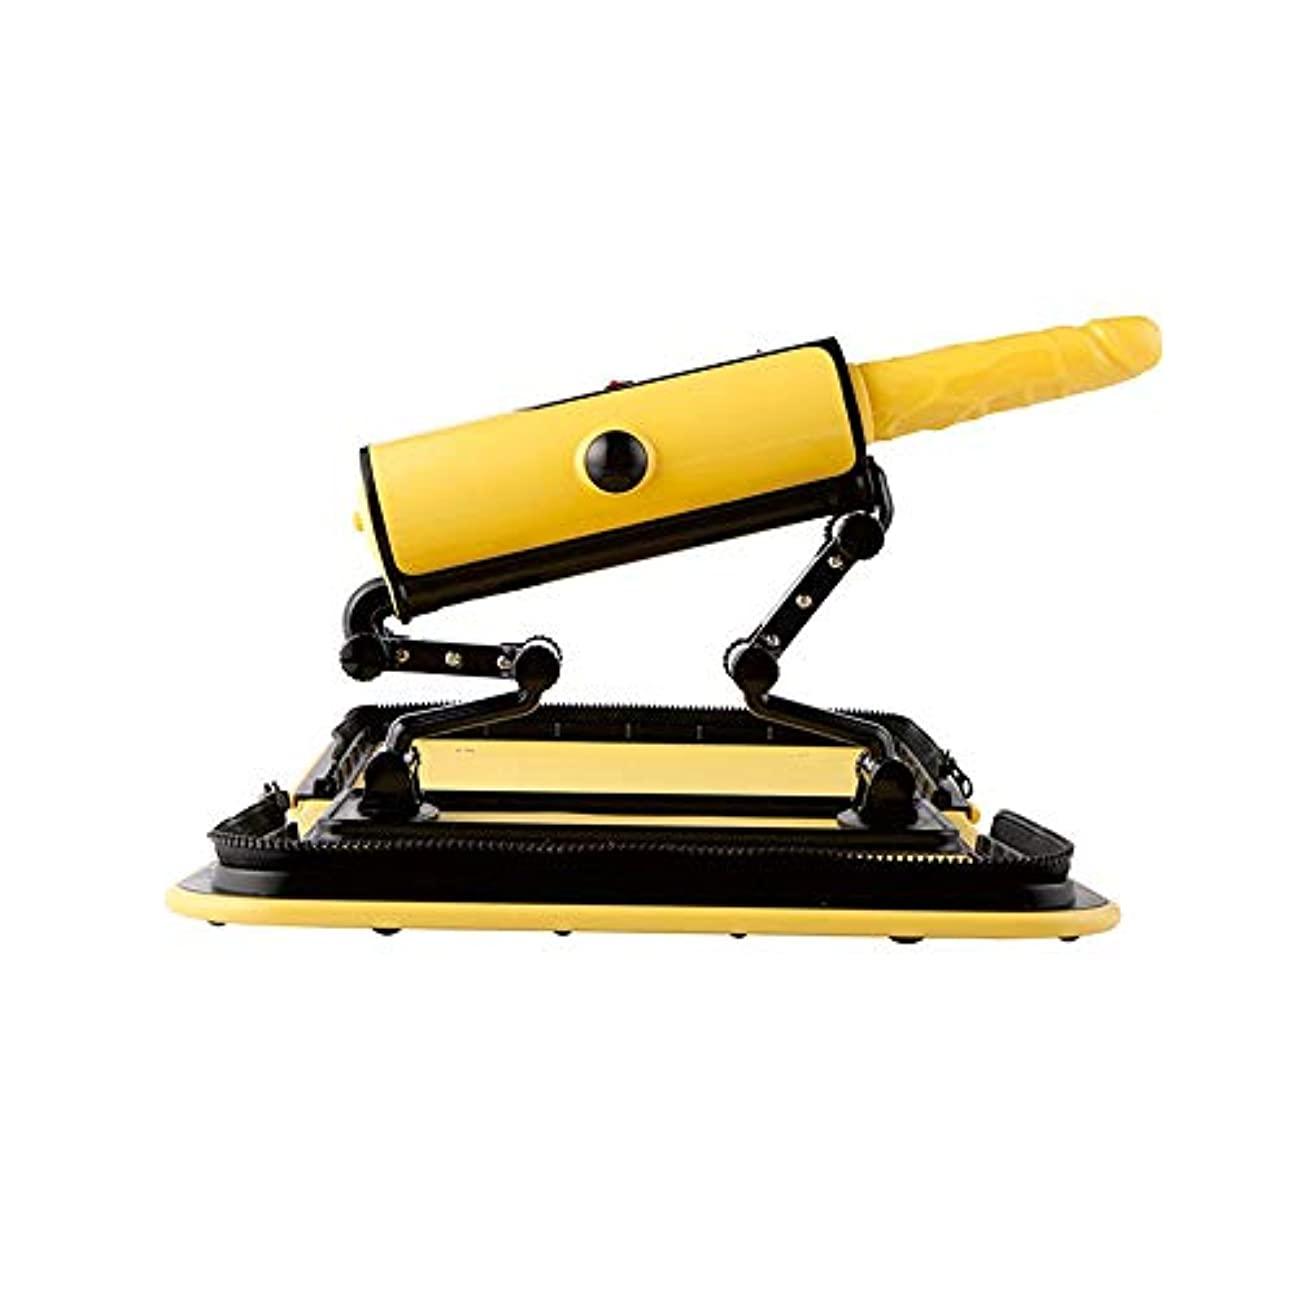 メドレー学習キュービックKGJJHYBGTOY 完璧なハーネスビジナルカップラブマシン玩具での自動機オナニー RELAX MASSAGE BODY